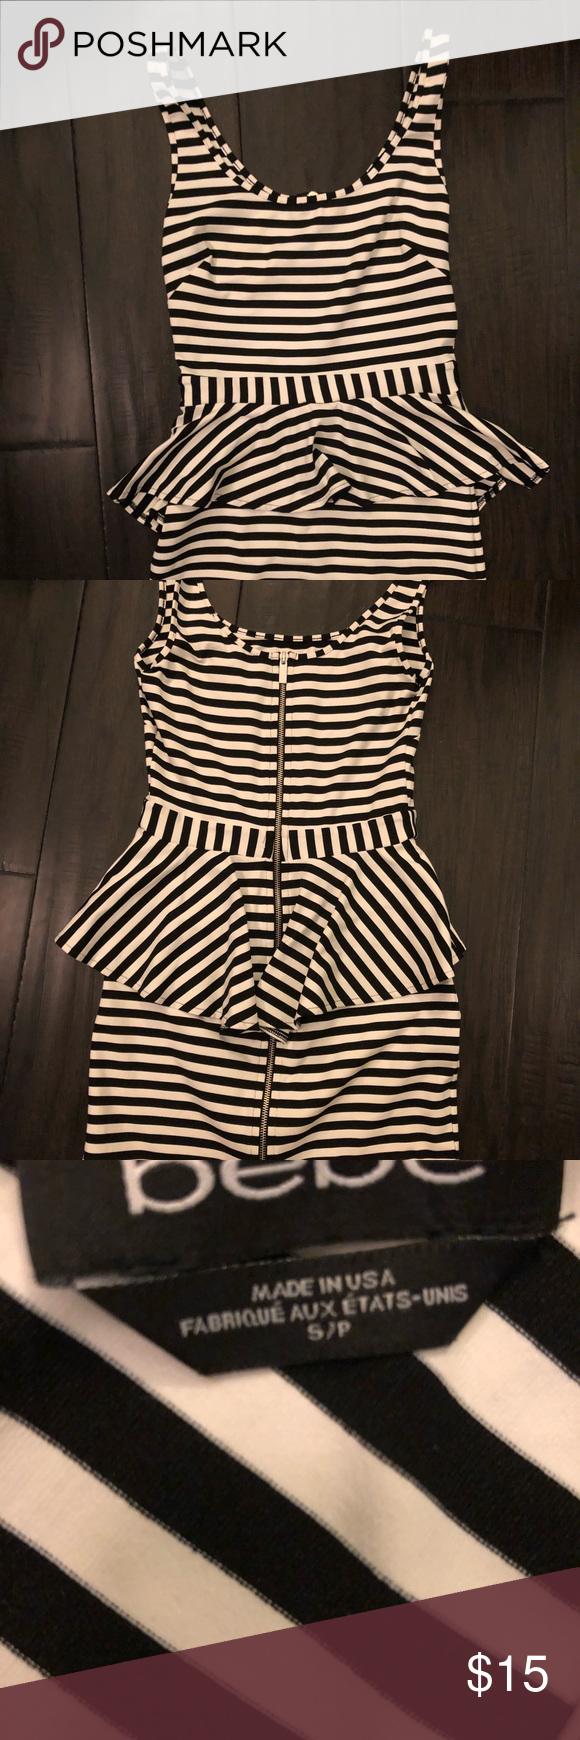 46++ Bebe striped peplum dress ideas in 2021